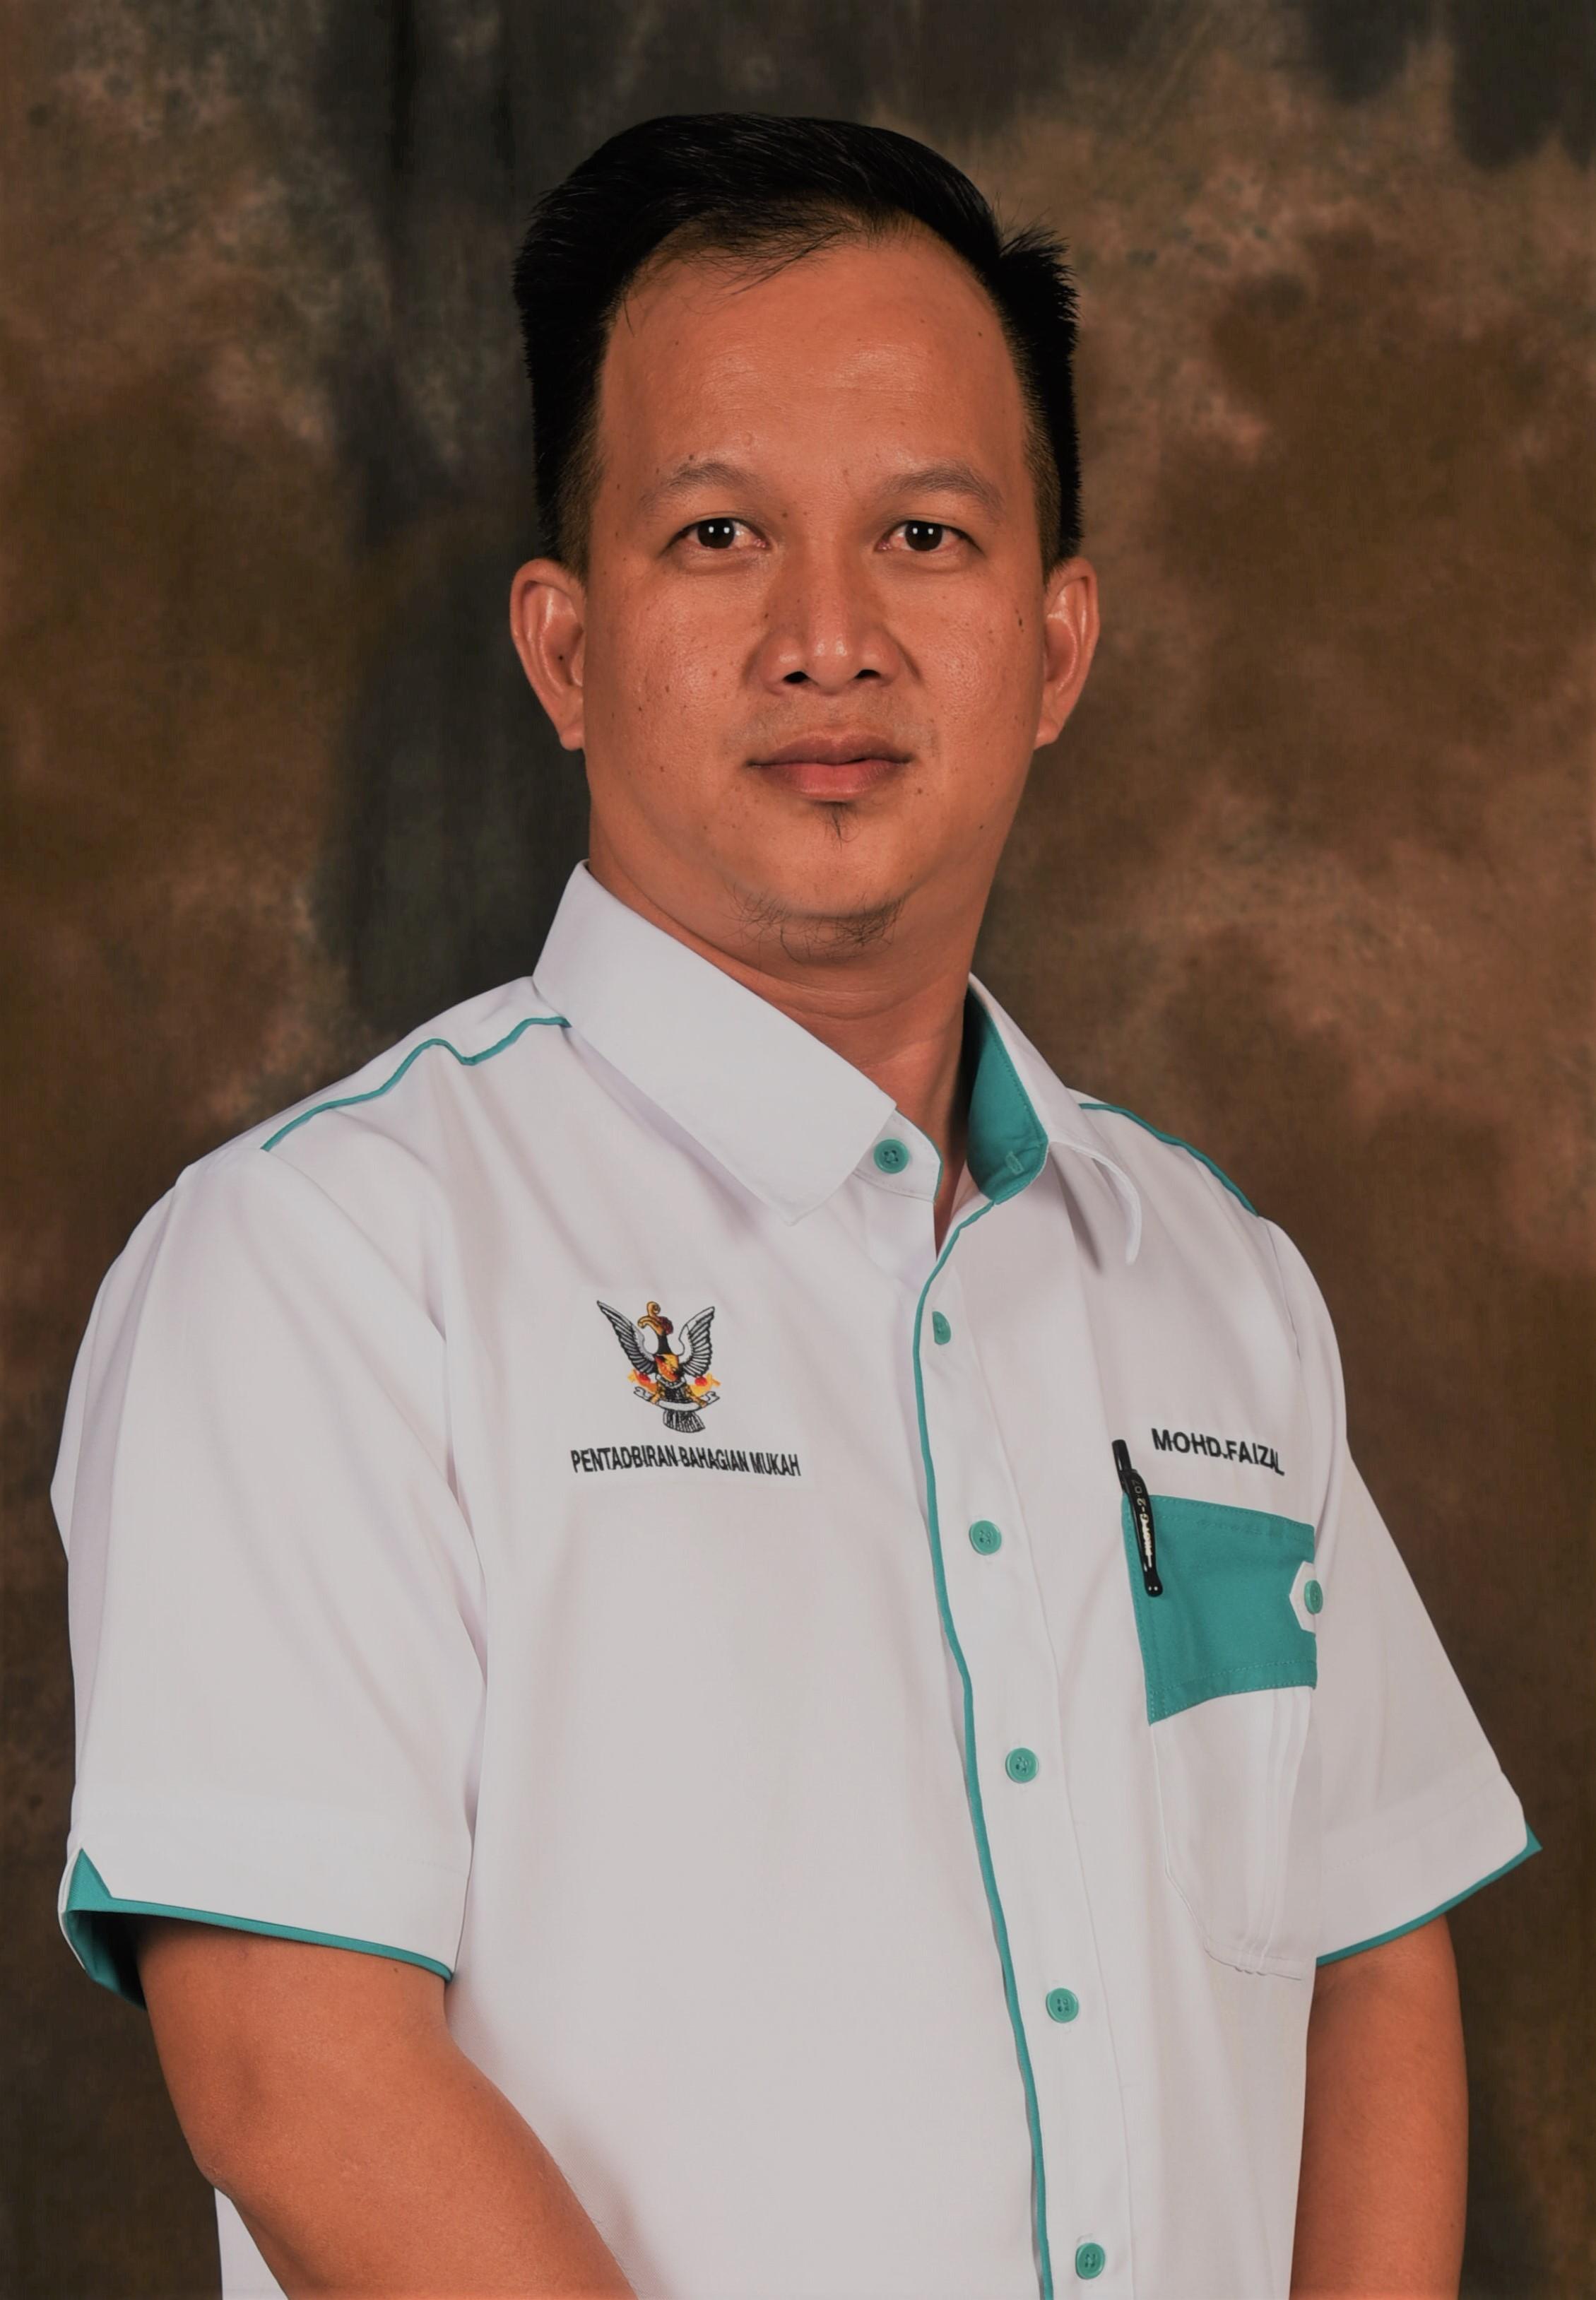 Mohd Faizal Bin Jamaludin